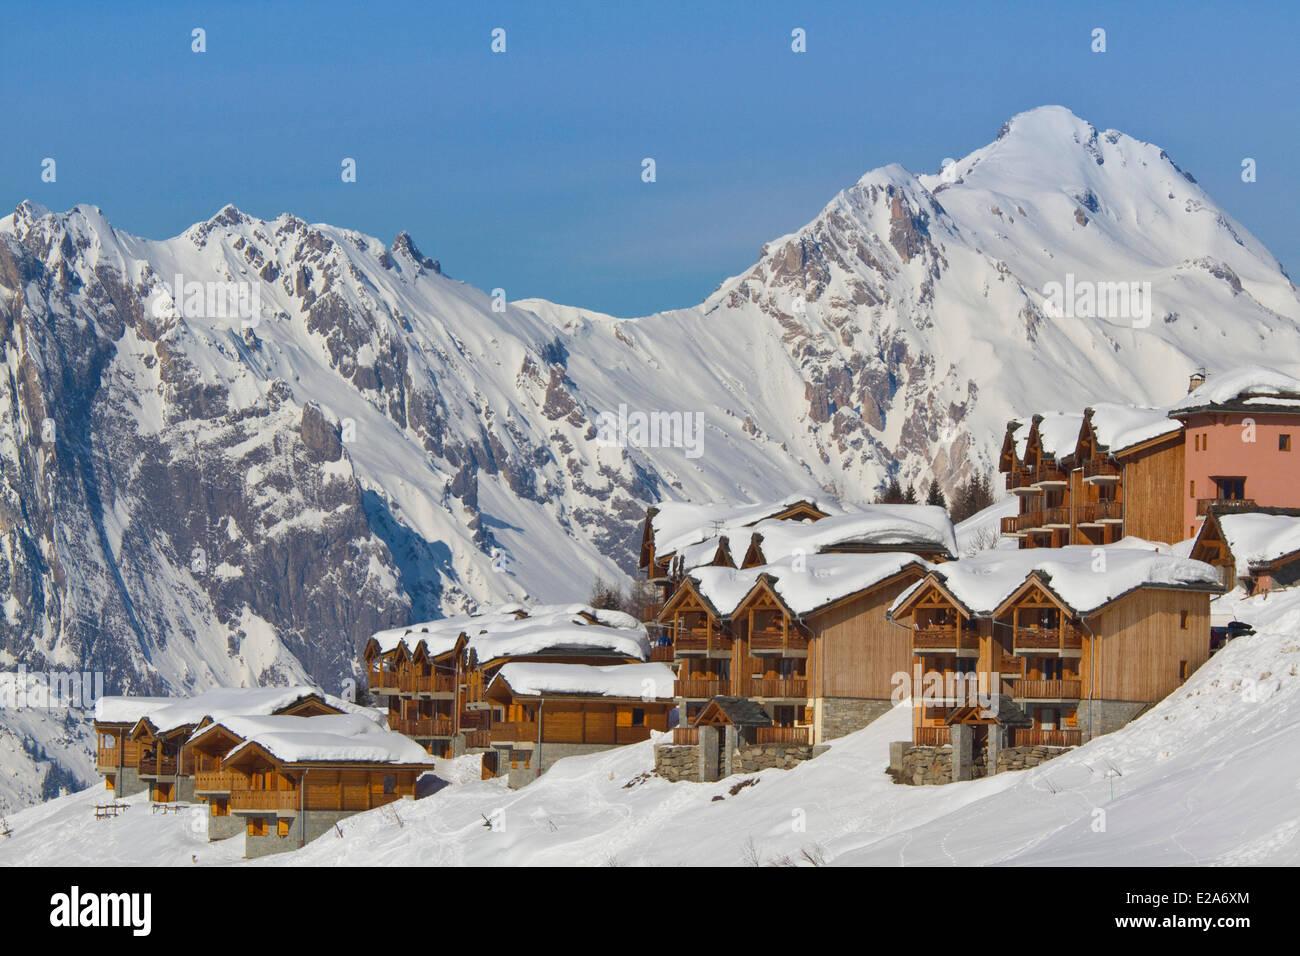 france, savoie, maurienne valley, valmeinier ski resort stock photo